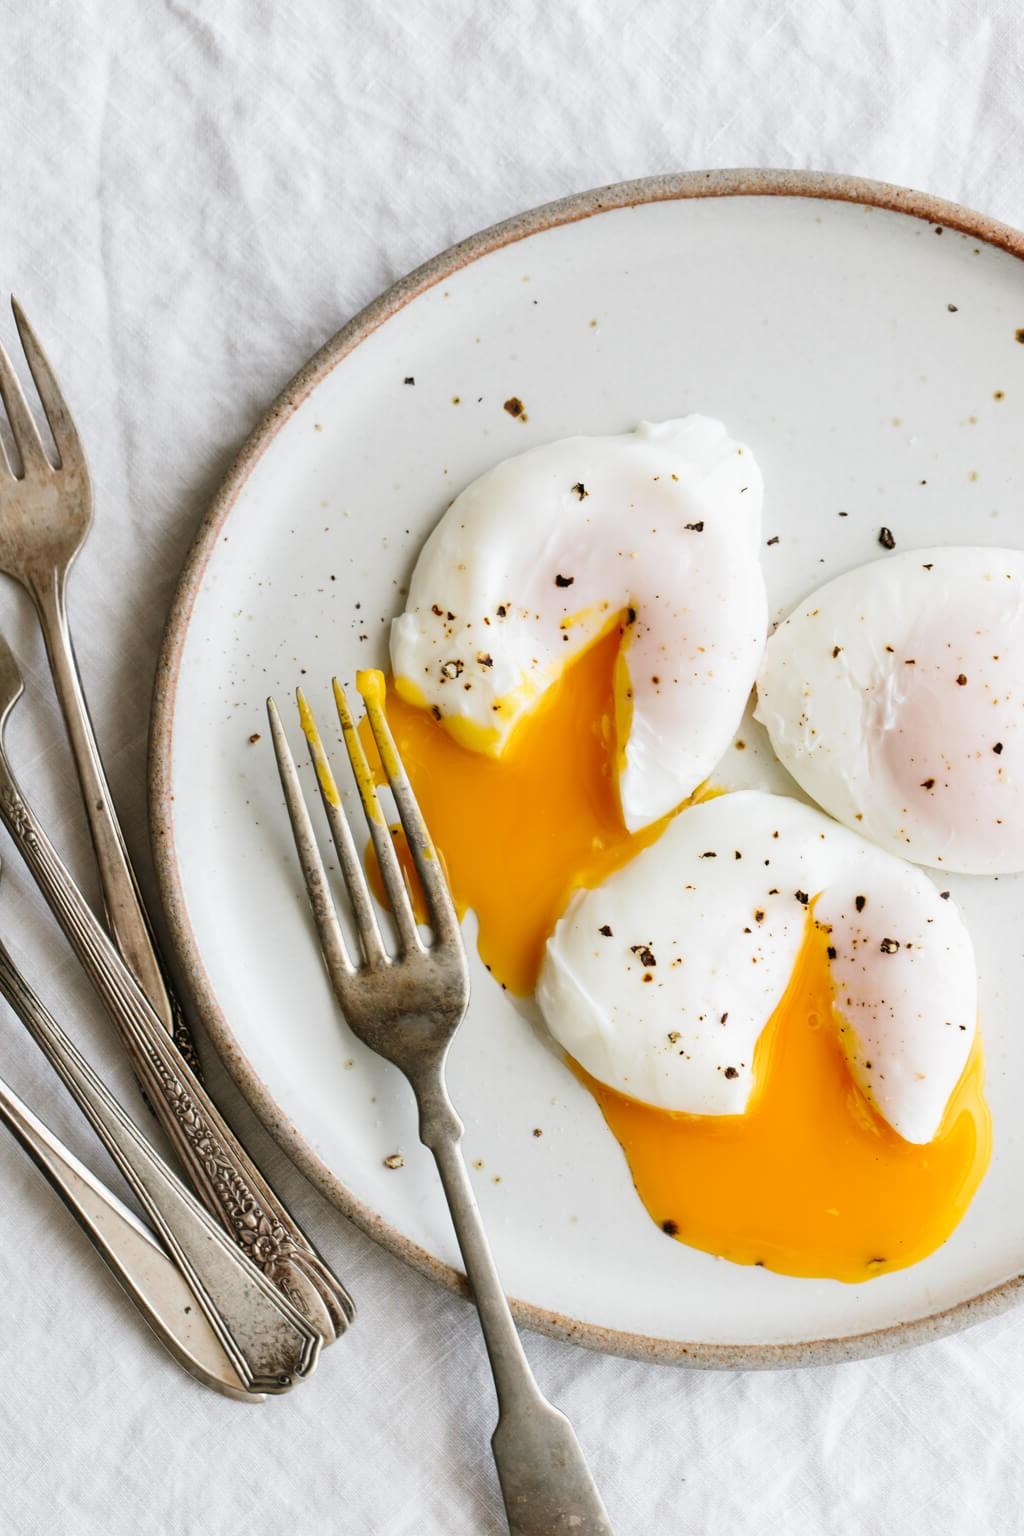 Les œufs contiennent zéro glucides. Ils sont chargés de divers nutriments - dont certains qui sont importants pour votre cerveau - et de composés qui peuvent améliorer la santé des yeux.